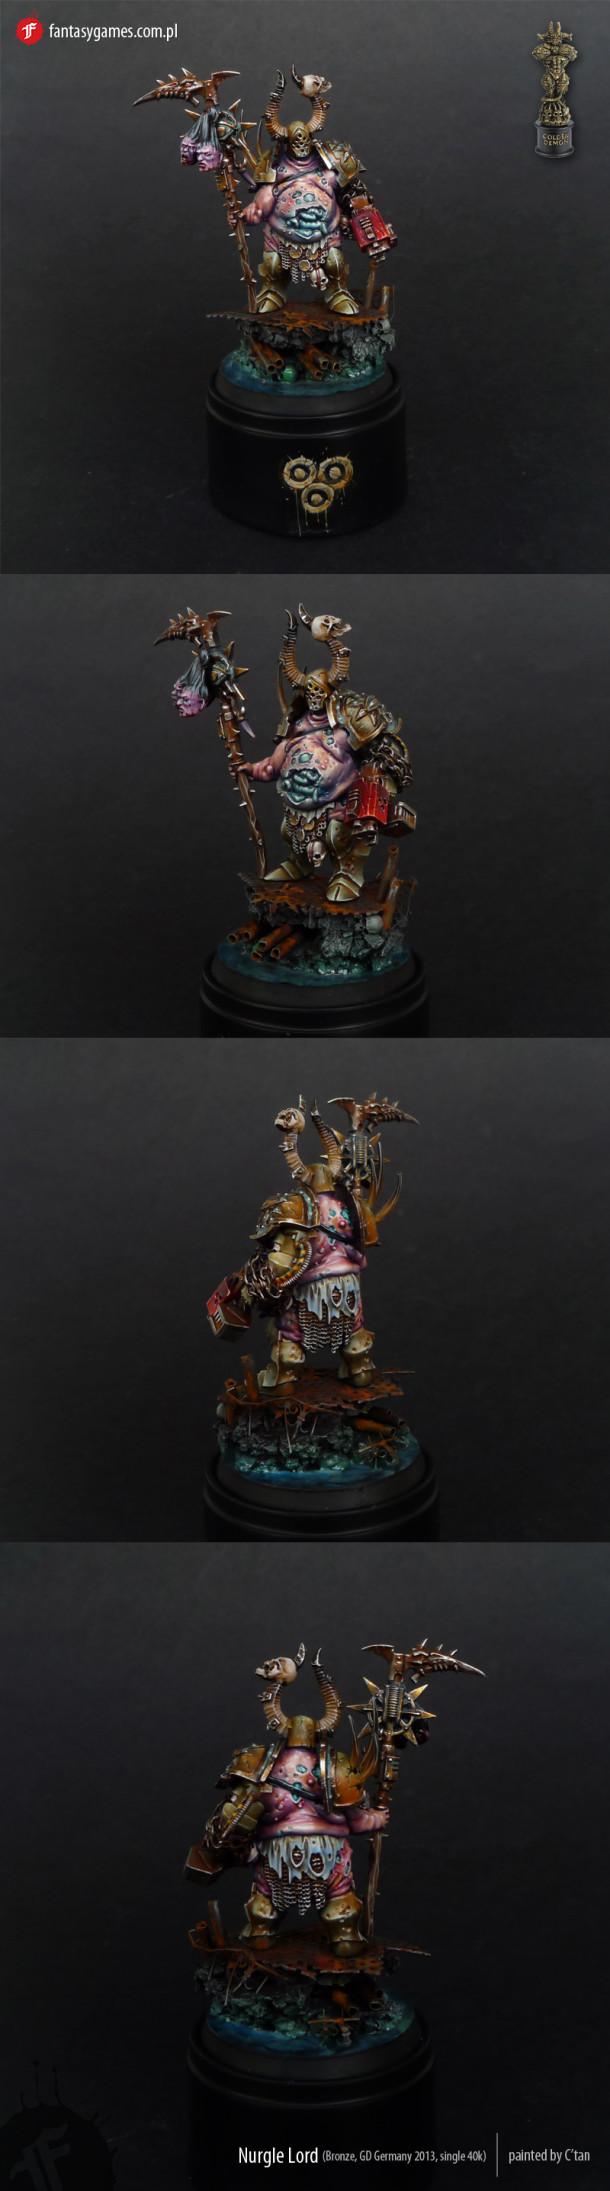 nurgle-lord